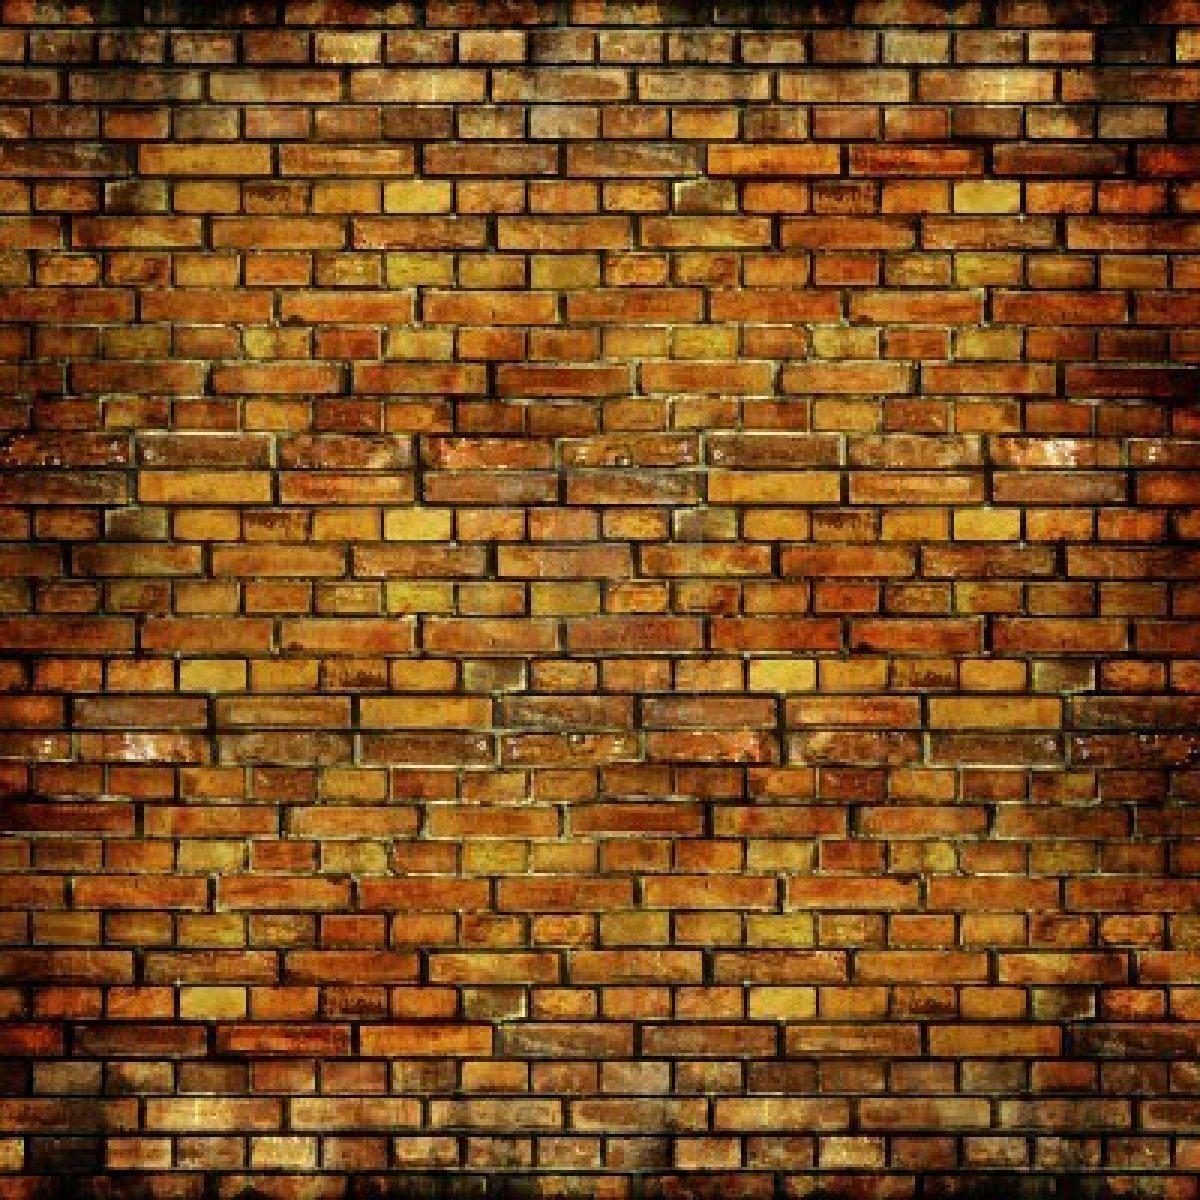 стена из кирпичей, текстуры, текстура стены, кирпич, фон, скачать